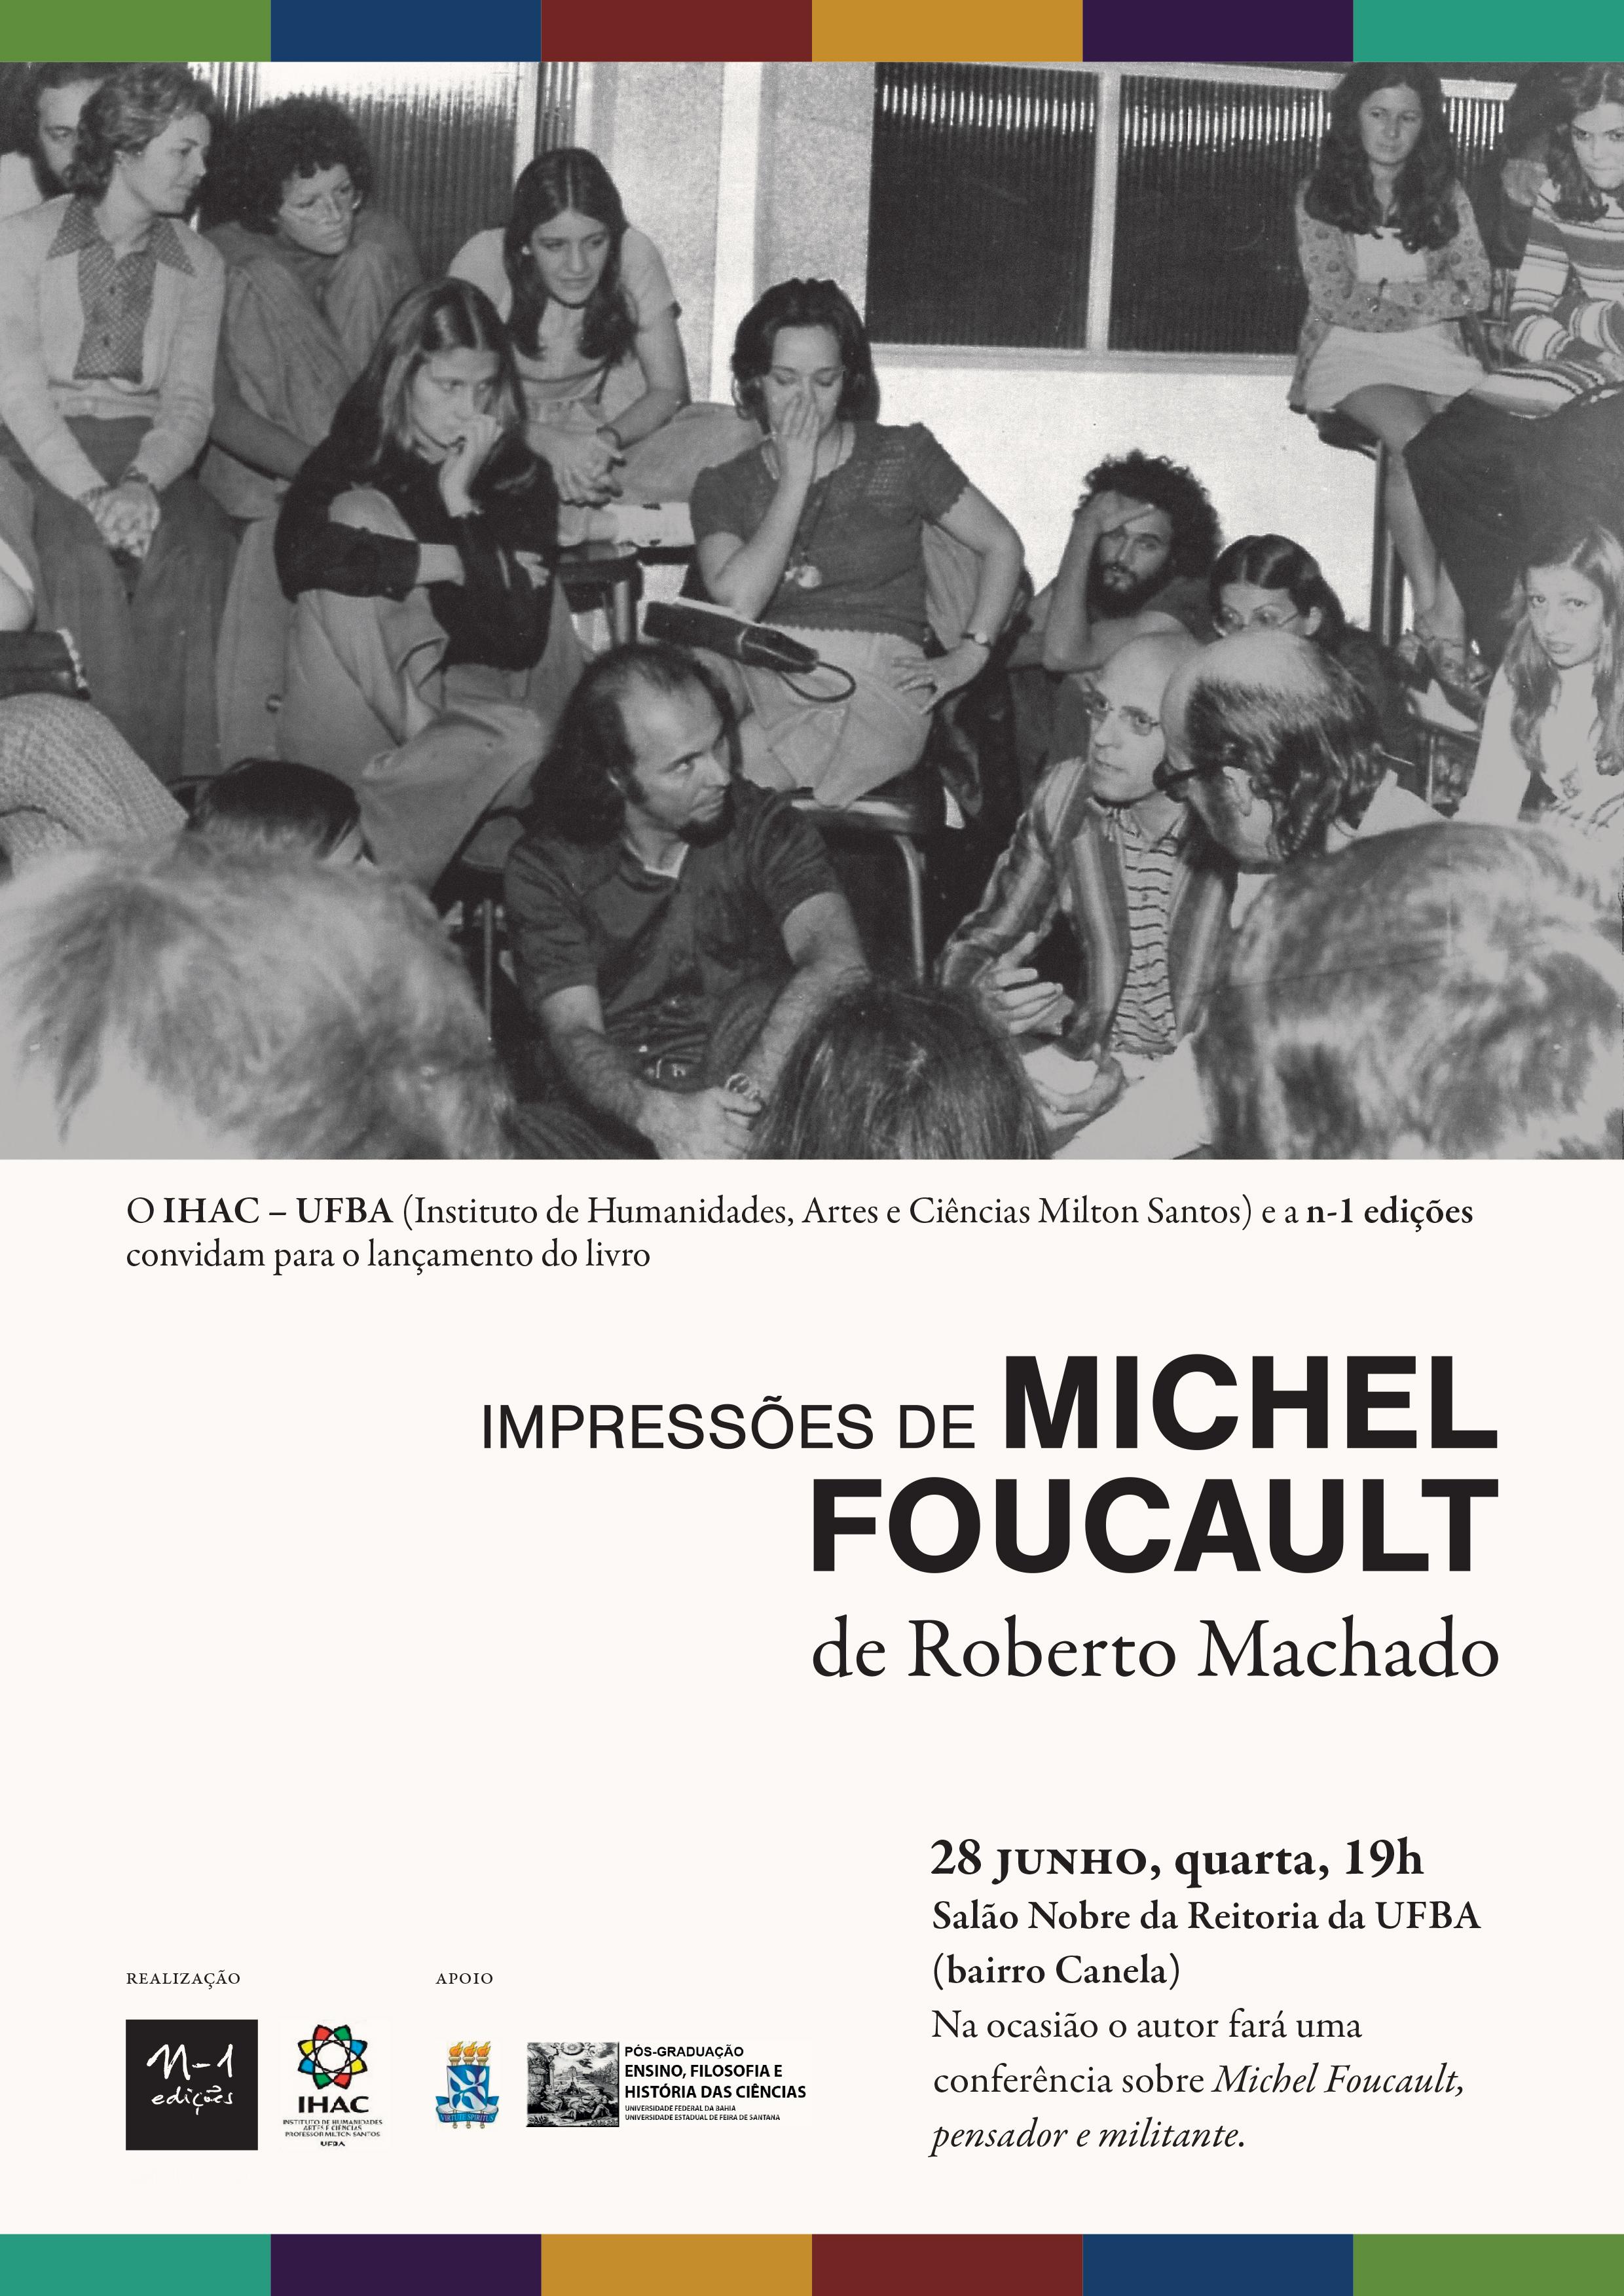 """O Salão Nobre da Reitoria da UFBA recebe no dia 28 de junho a conferência """"Impressões de Michel Foucault"""""""